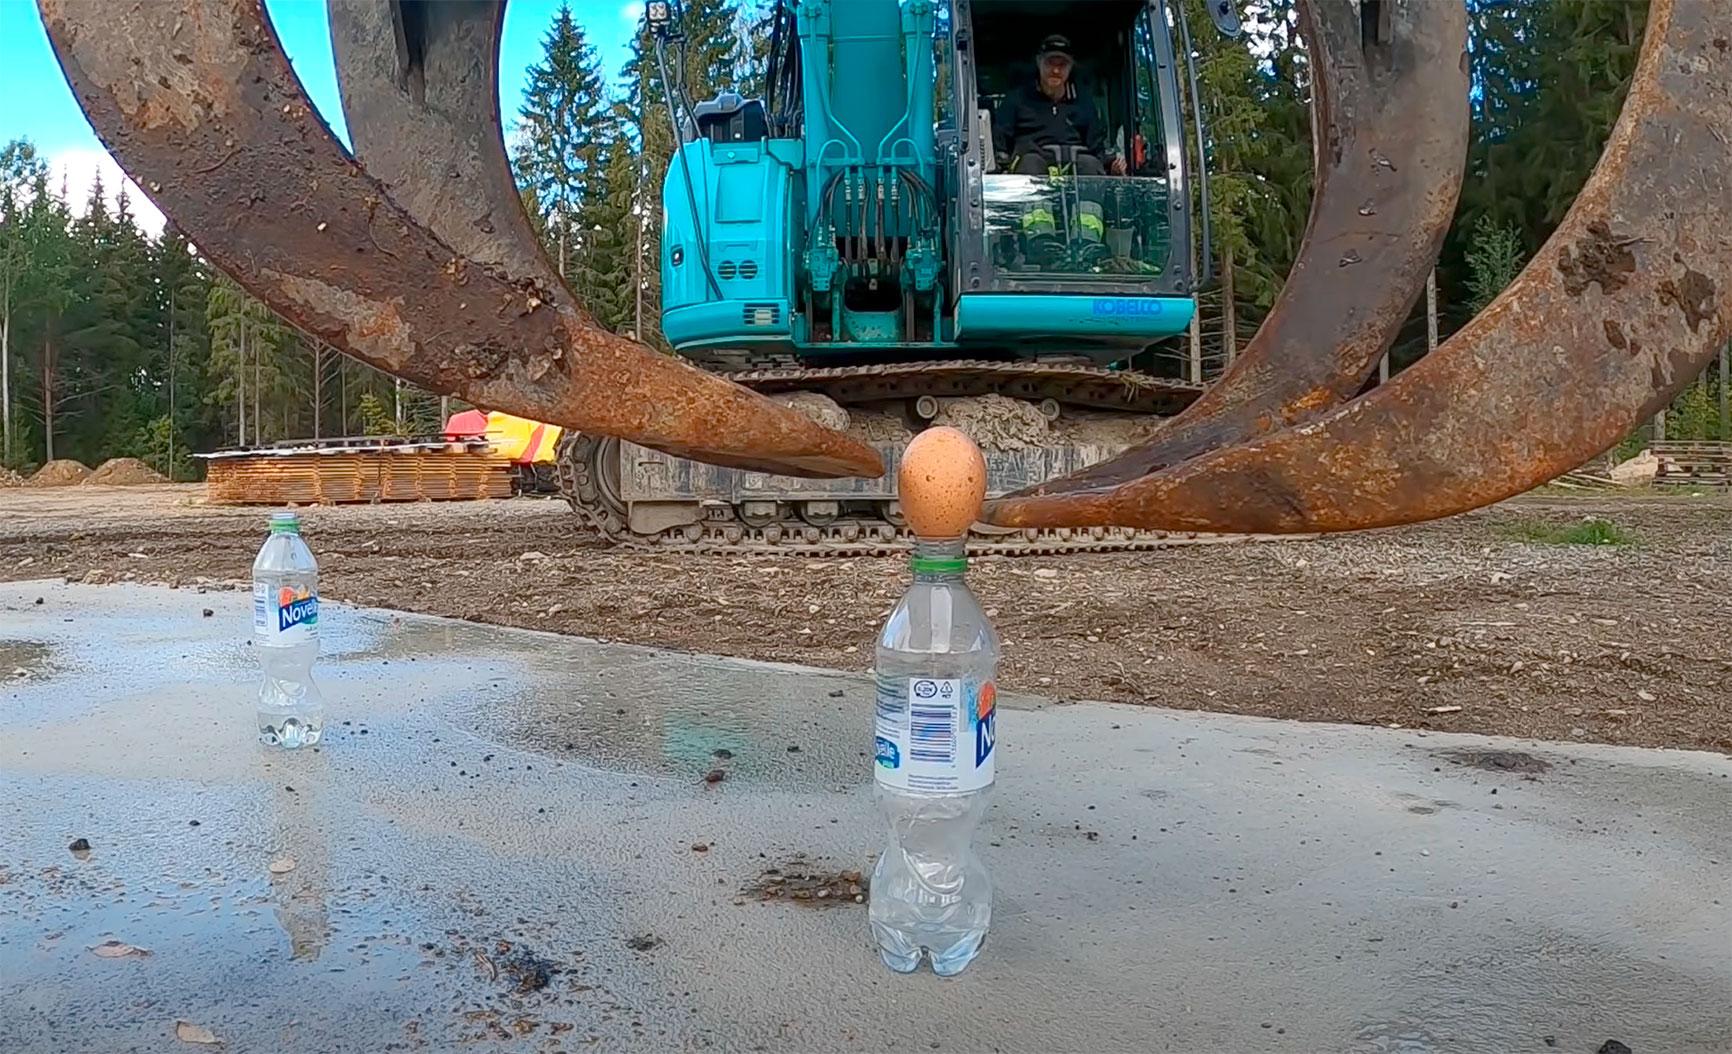 Esa-Pekka Penttilä tarttui haasteeseen, ja kokeili, onnistuuko raa'an kananmunan siirtäminen kaivinkoneella pullon suulta toiselle. Kuvakaappaus Penttilän kuvaamalta videolta.